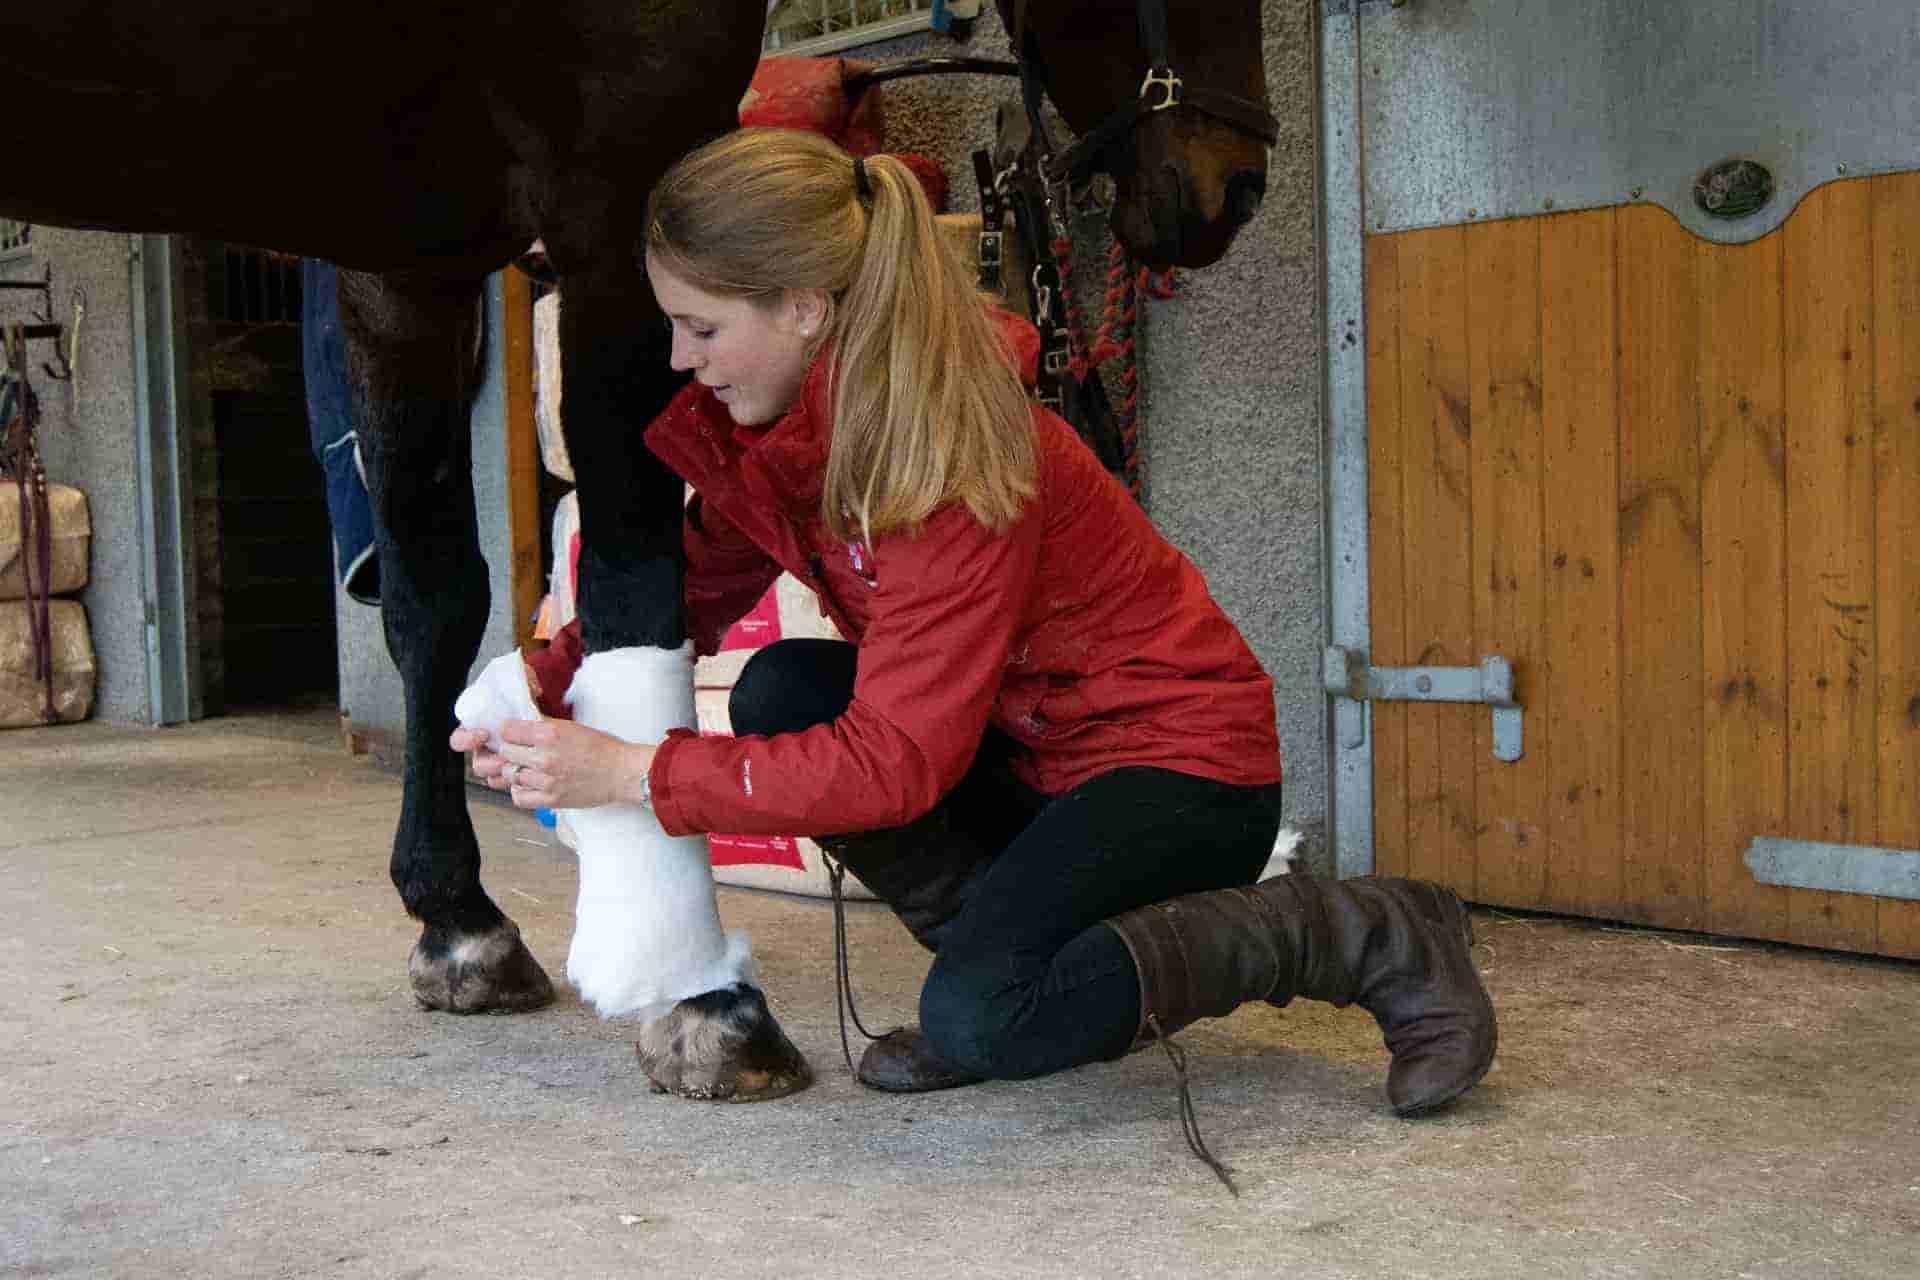 Veterinary Services in perth